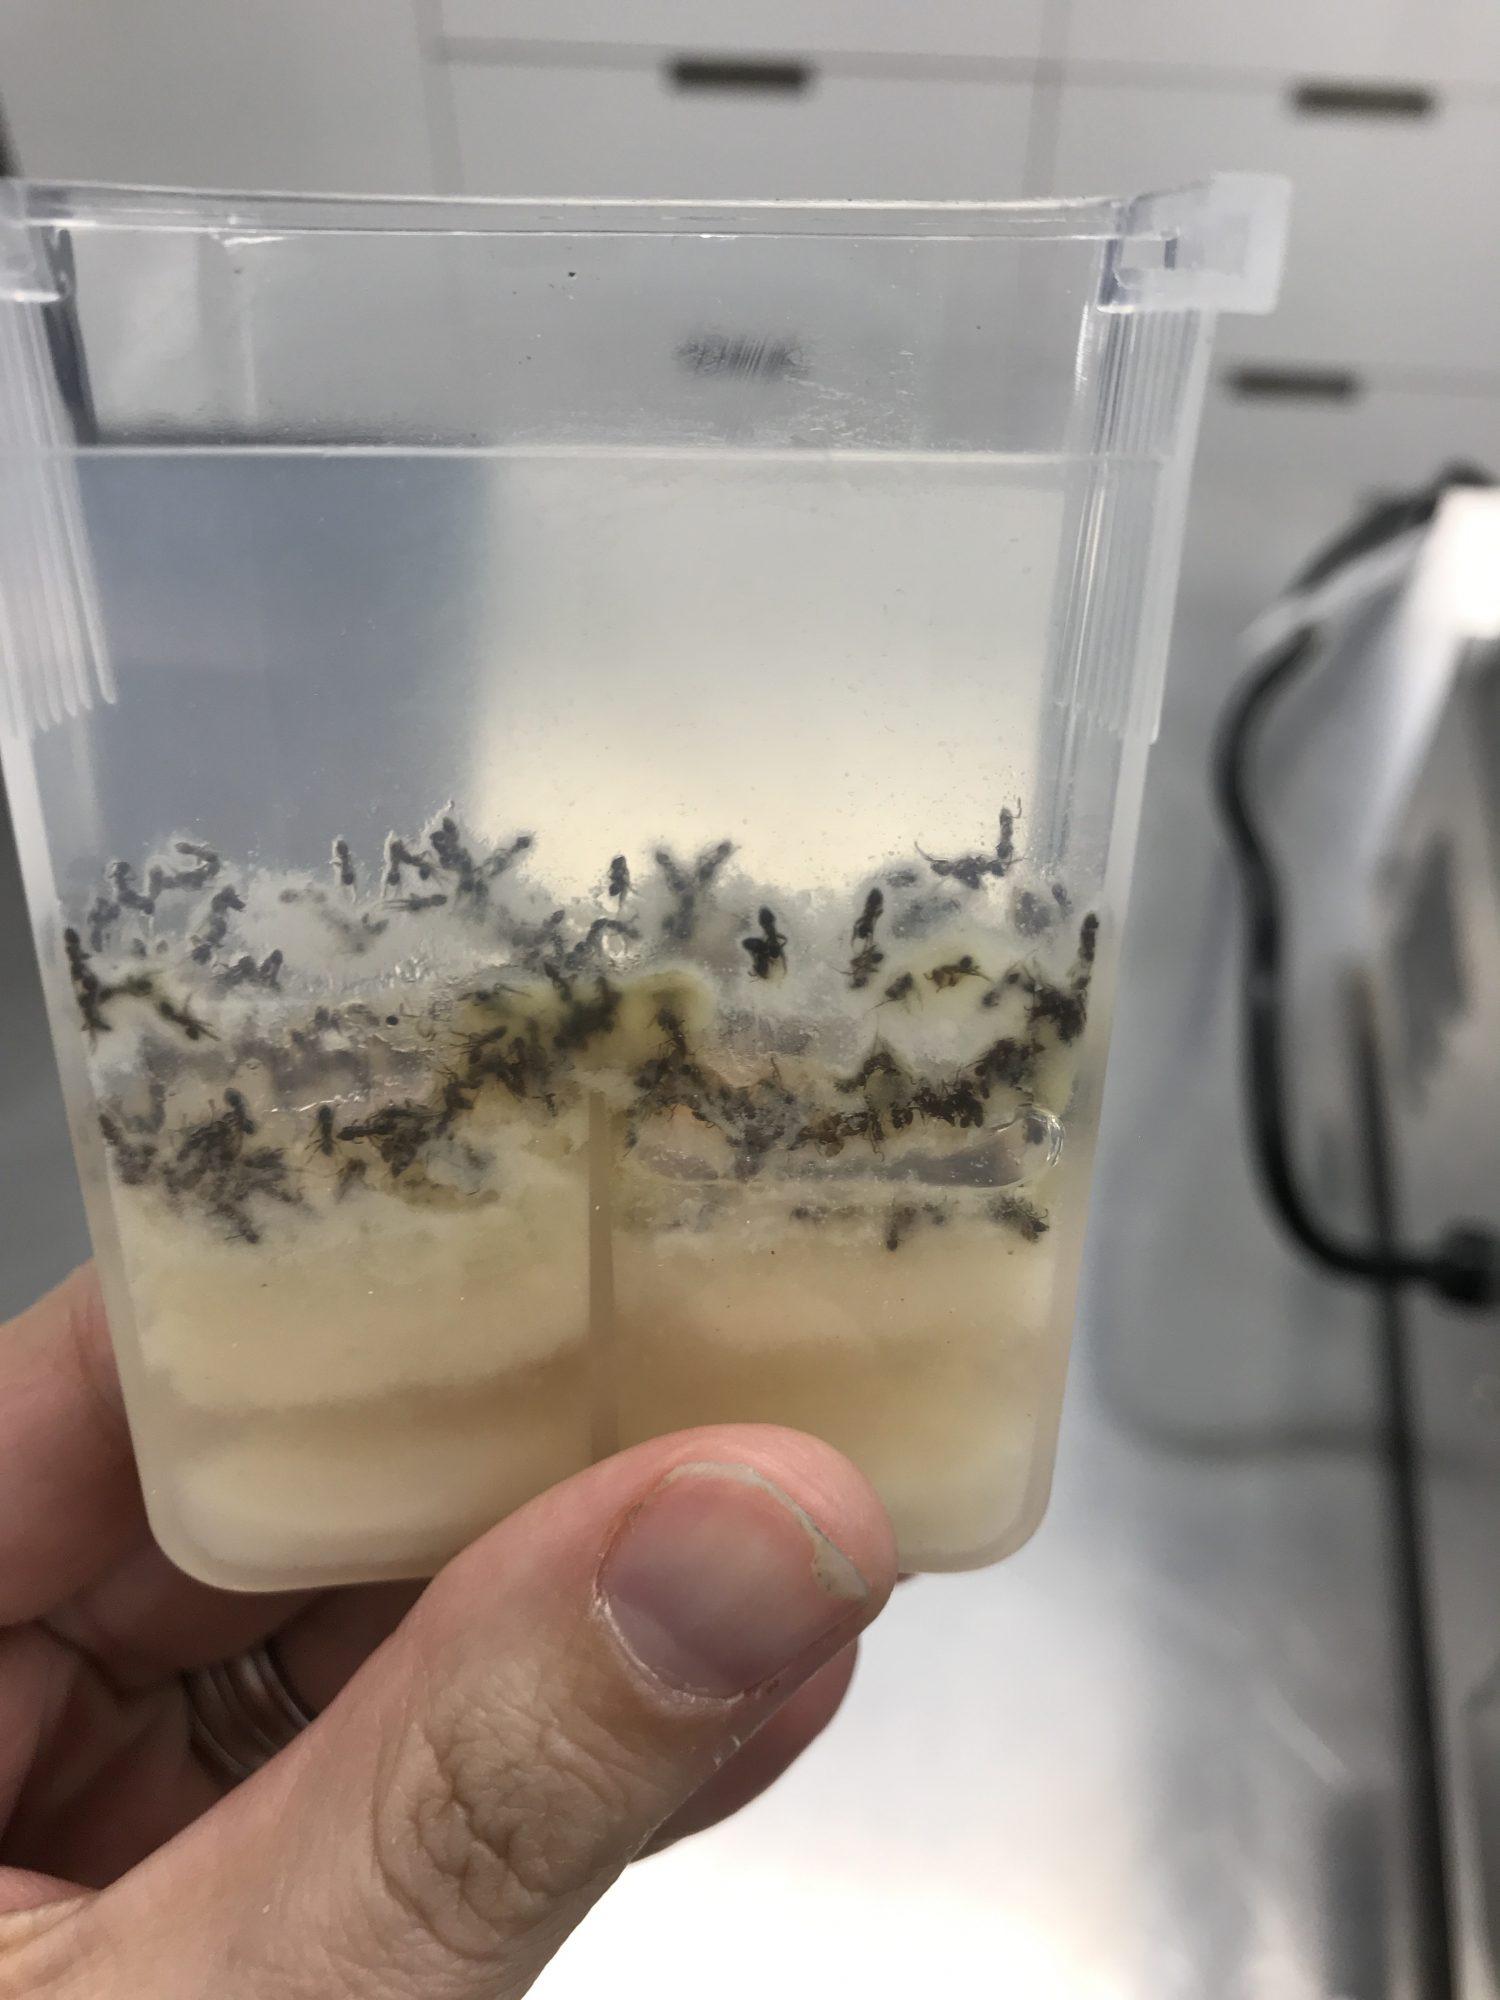 maggots-instant-pot-image